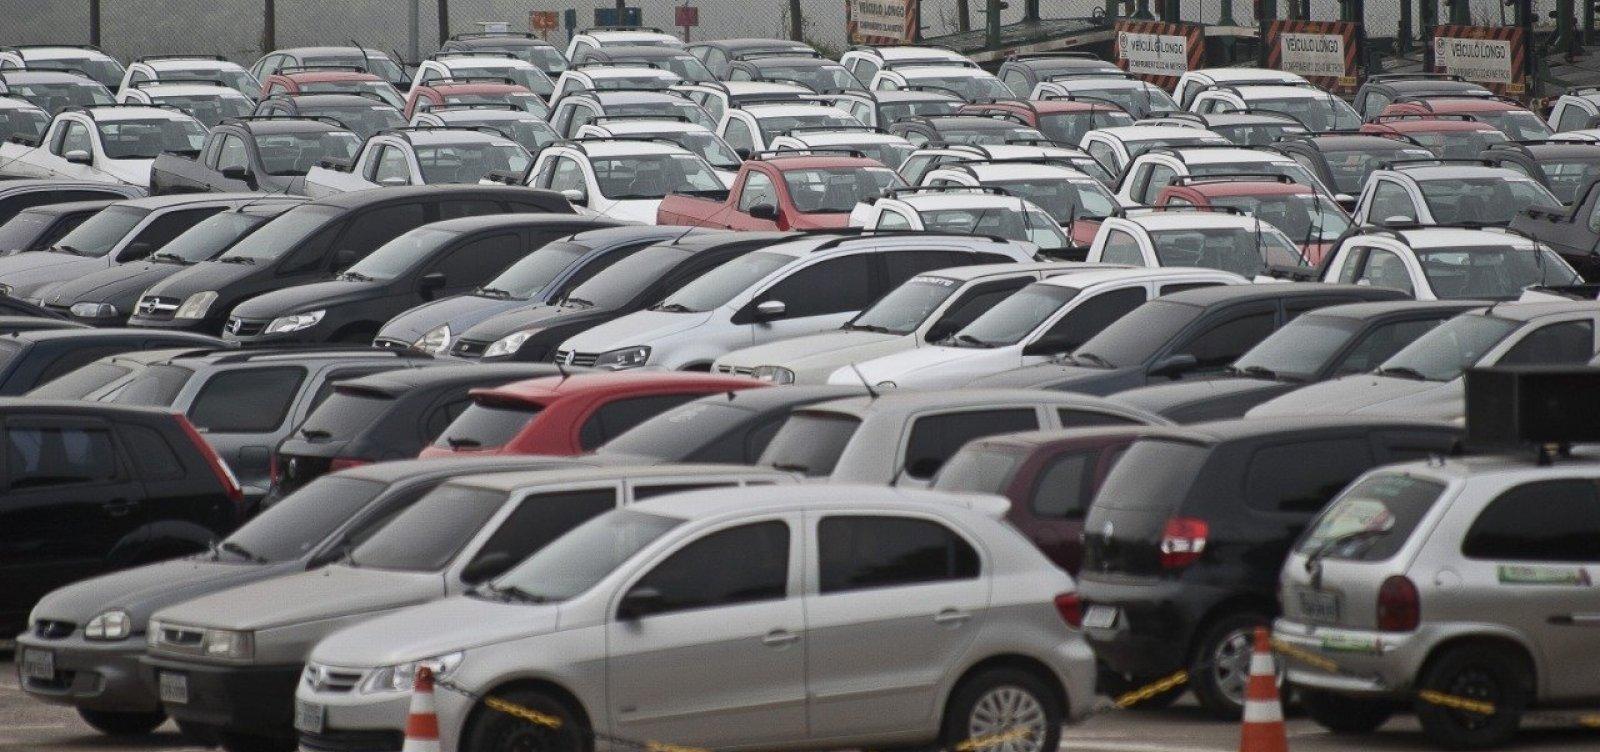 Fenabrave aponta que venda de veículos cresce 7% em setembro